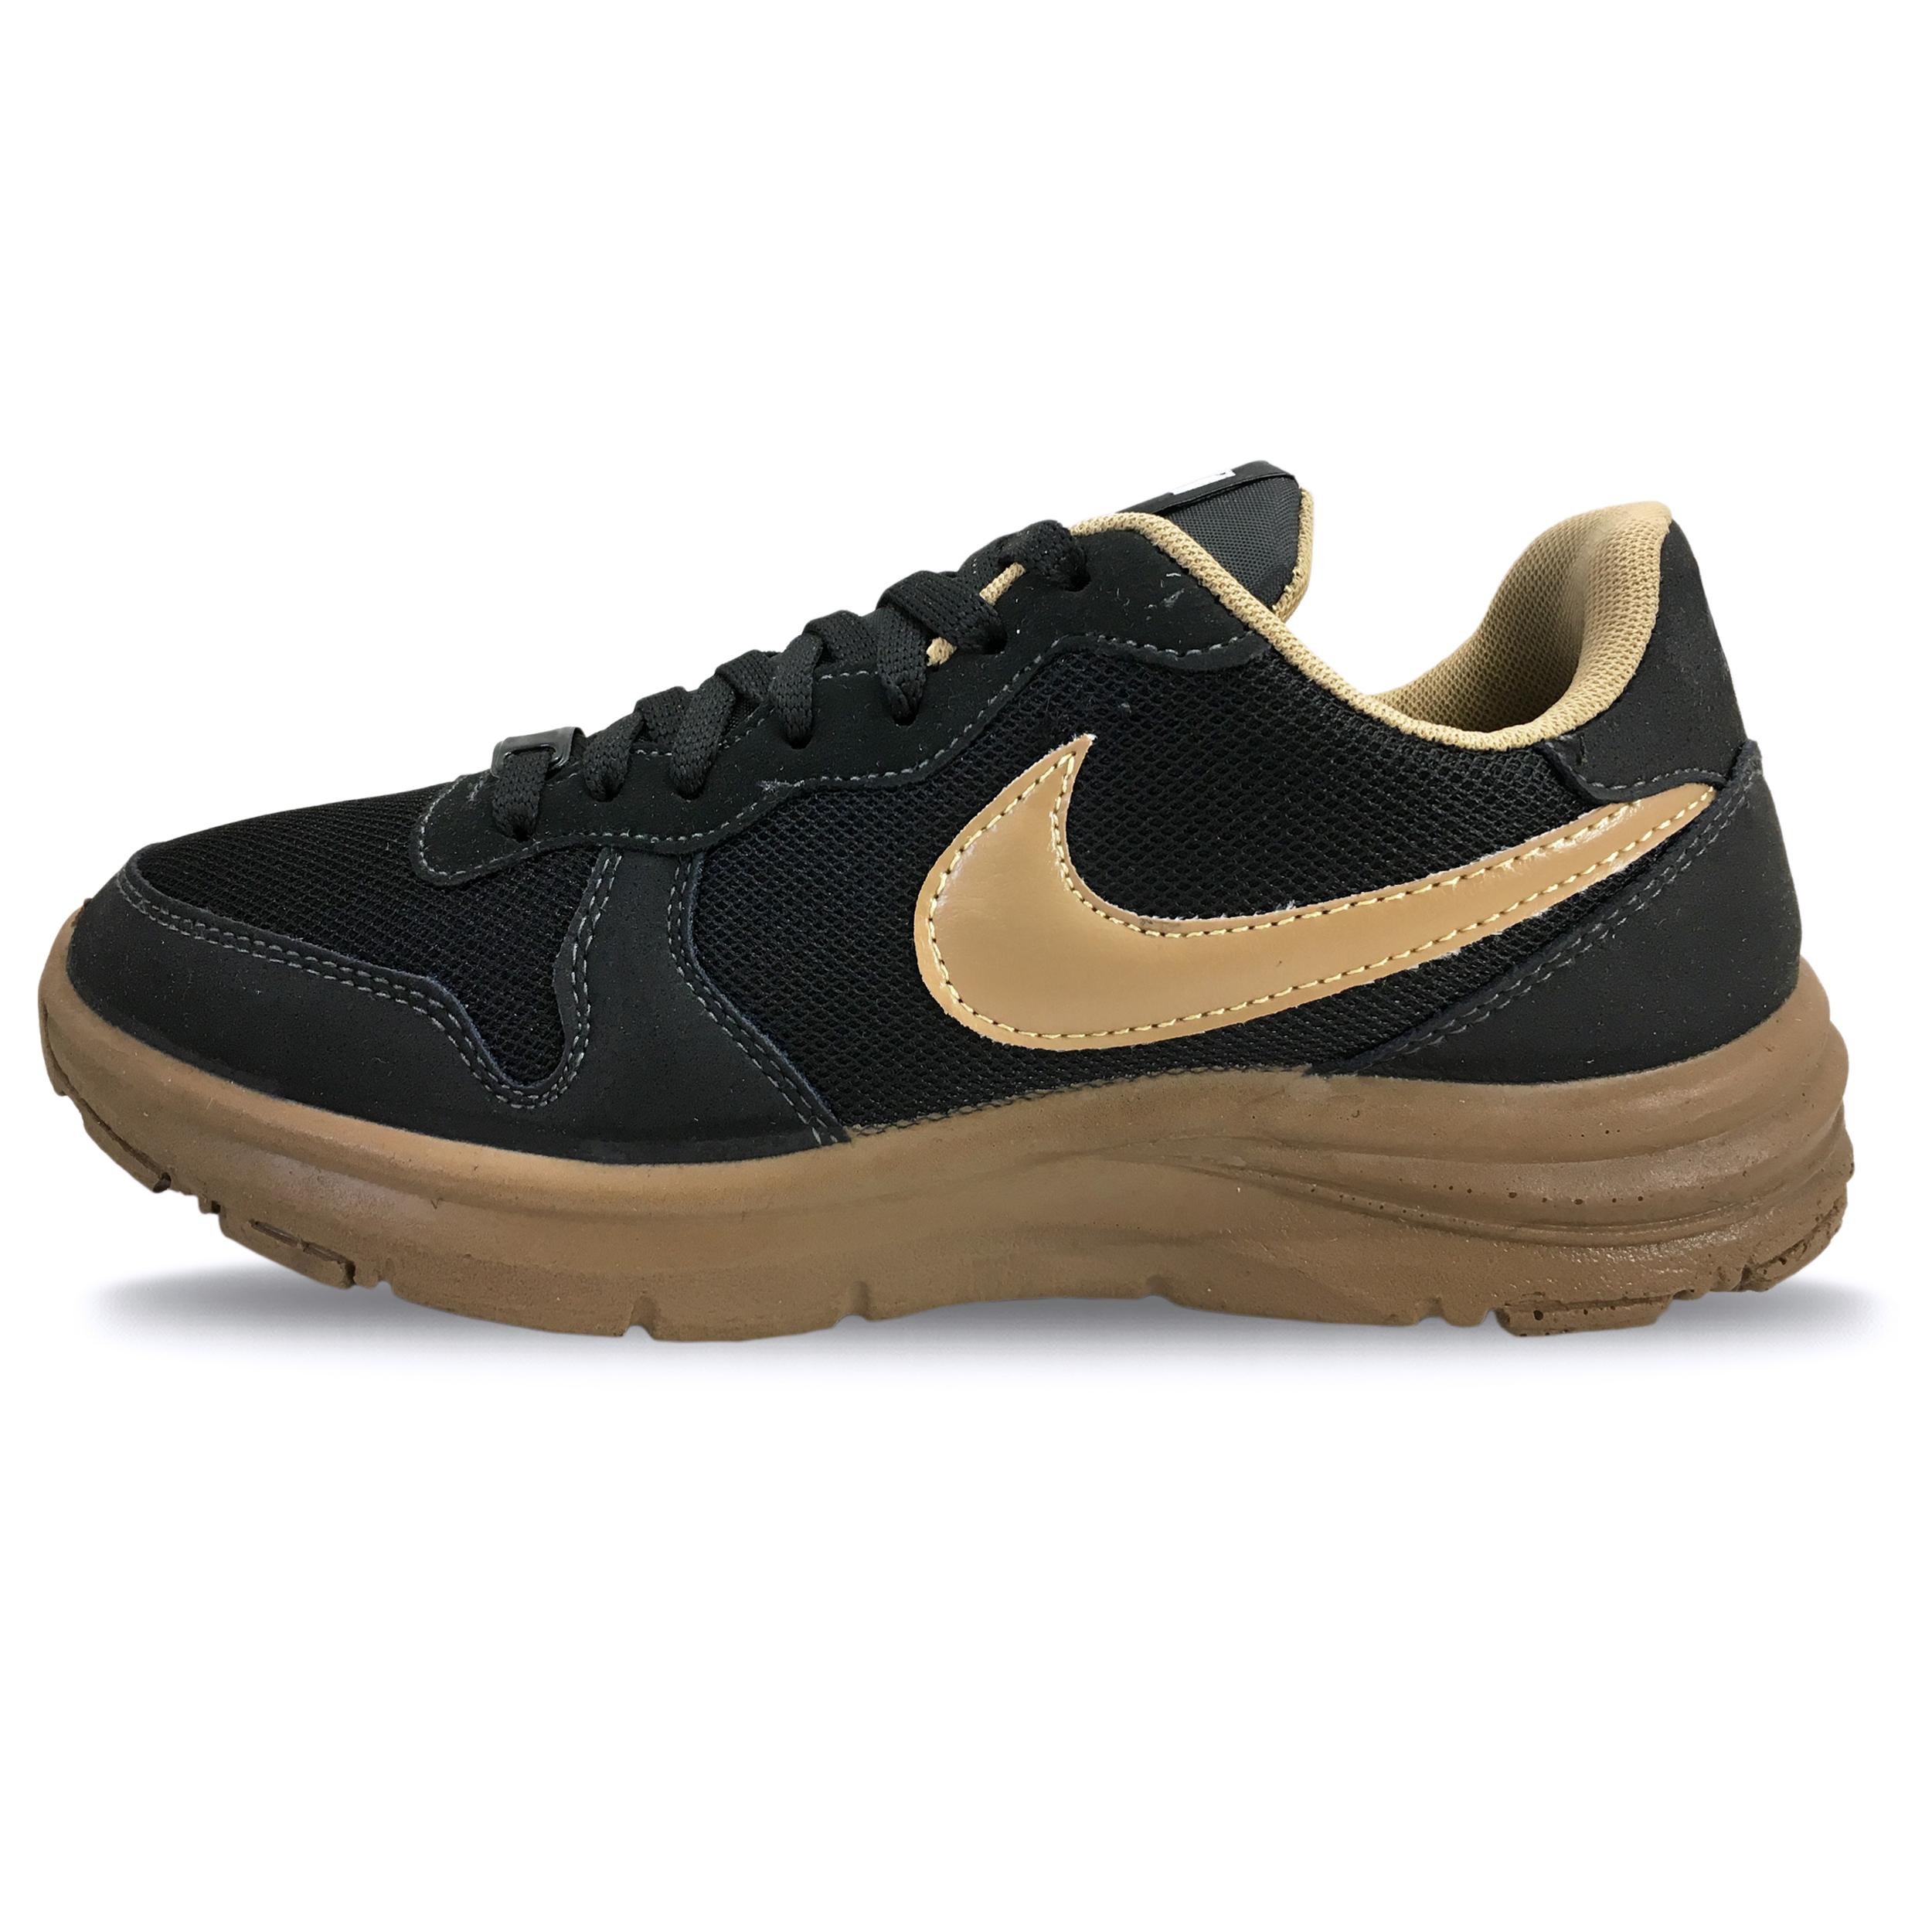 قیمت کفش مخصوص پیاده روی مردانه سنگام طرح بومرنگ کد 3755